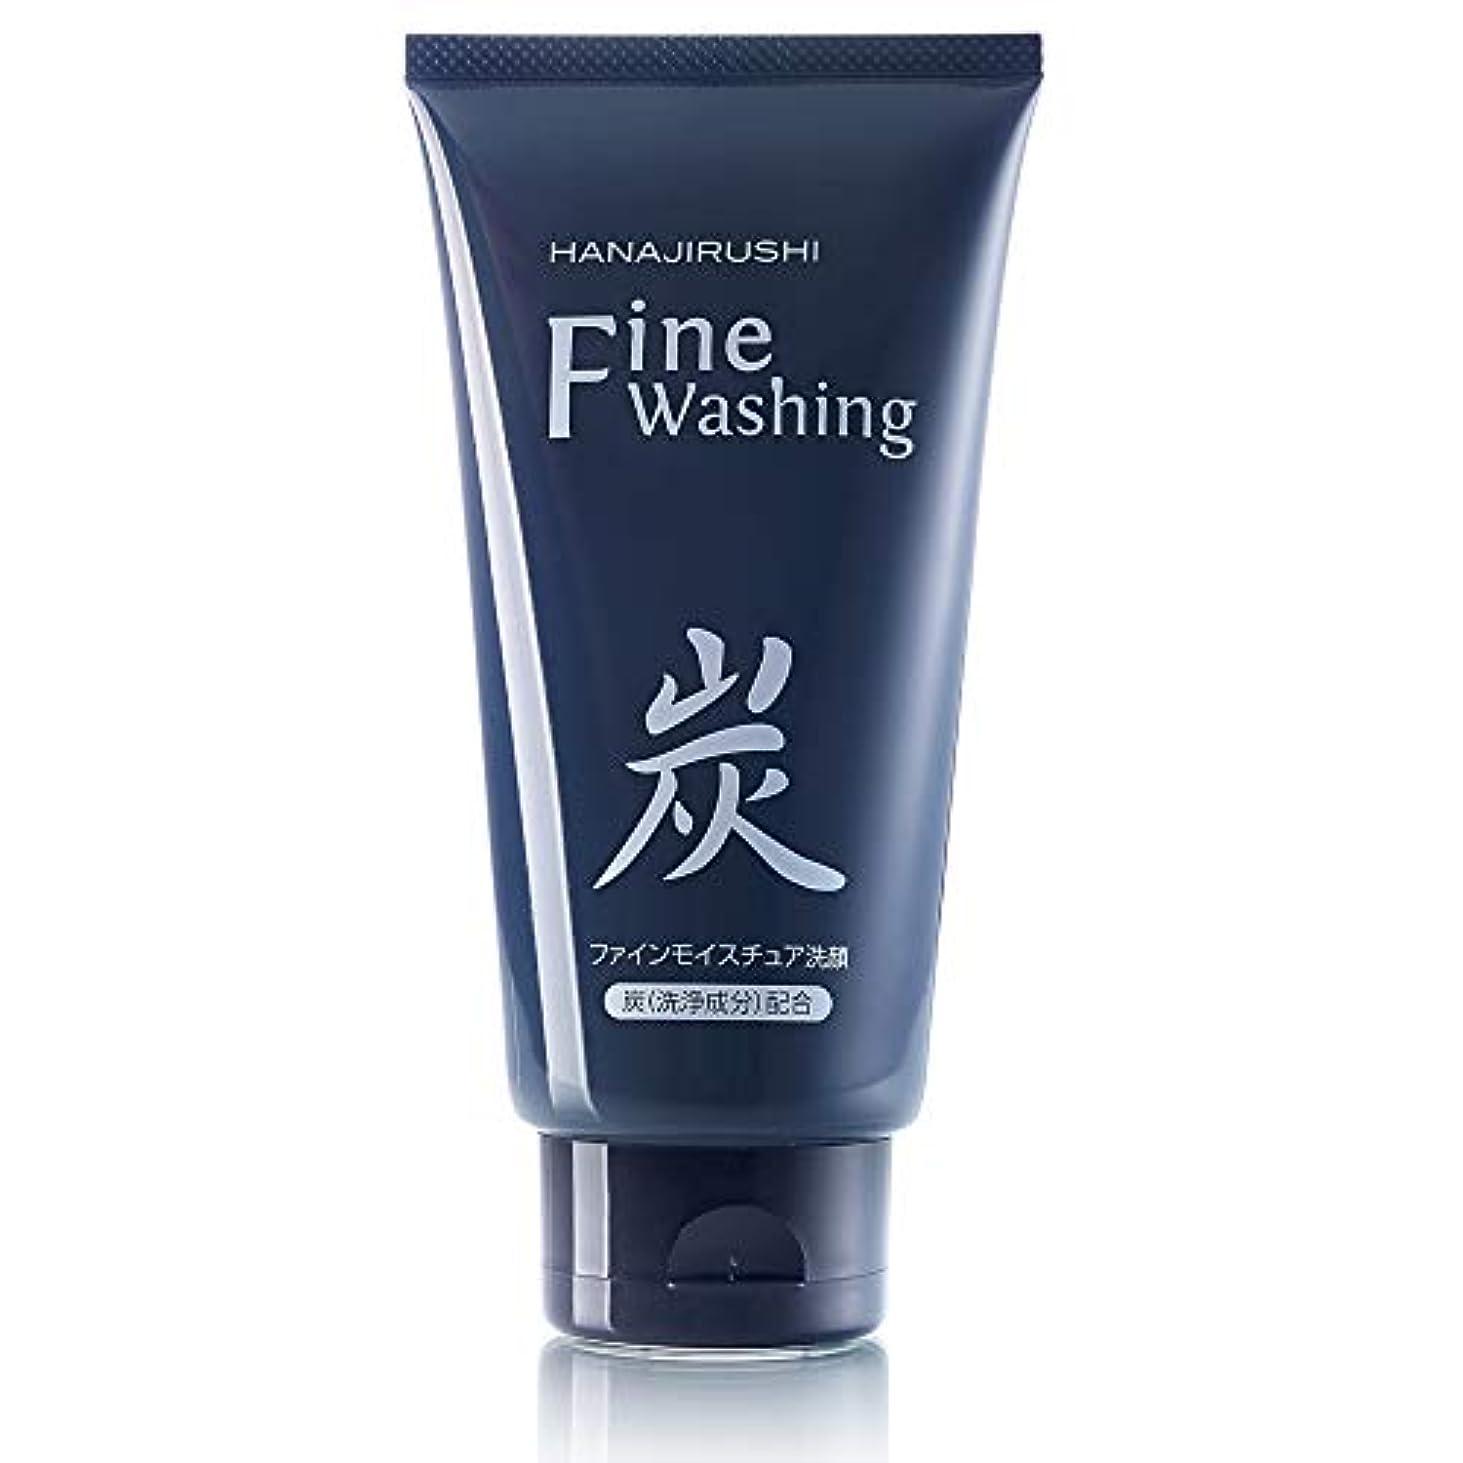 観察する着飾る好意花印備長炭洗顔フォーム120g「皮脂汚れ対策」オイルコントロール 男女兼用